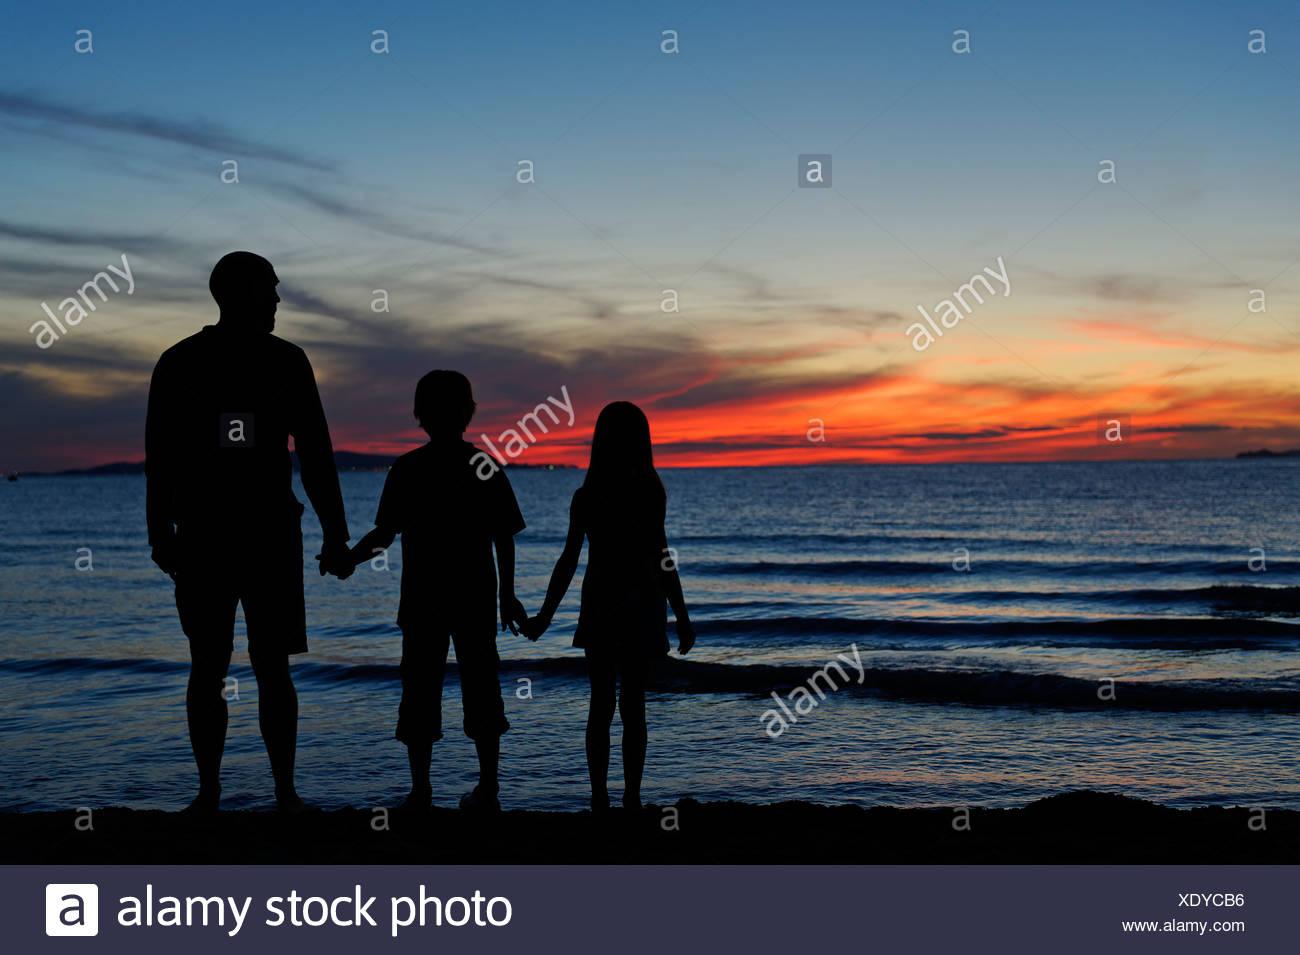 Famiglia, stagliano al tramonto, spiaggia, nei pressi di Punta Ala, Mare mediterraneo, Toscana, Italia, Europa Immagini Stock